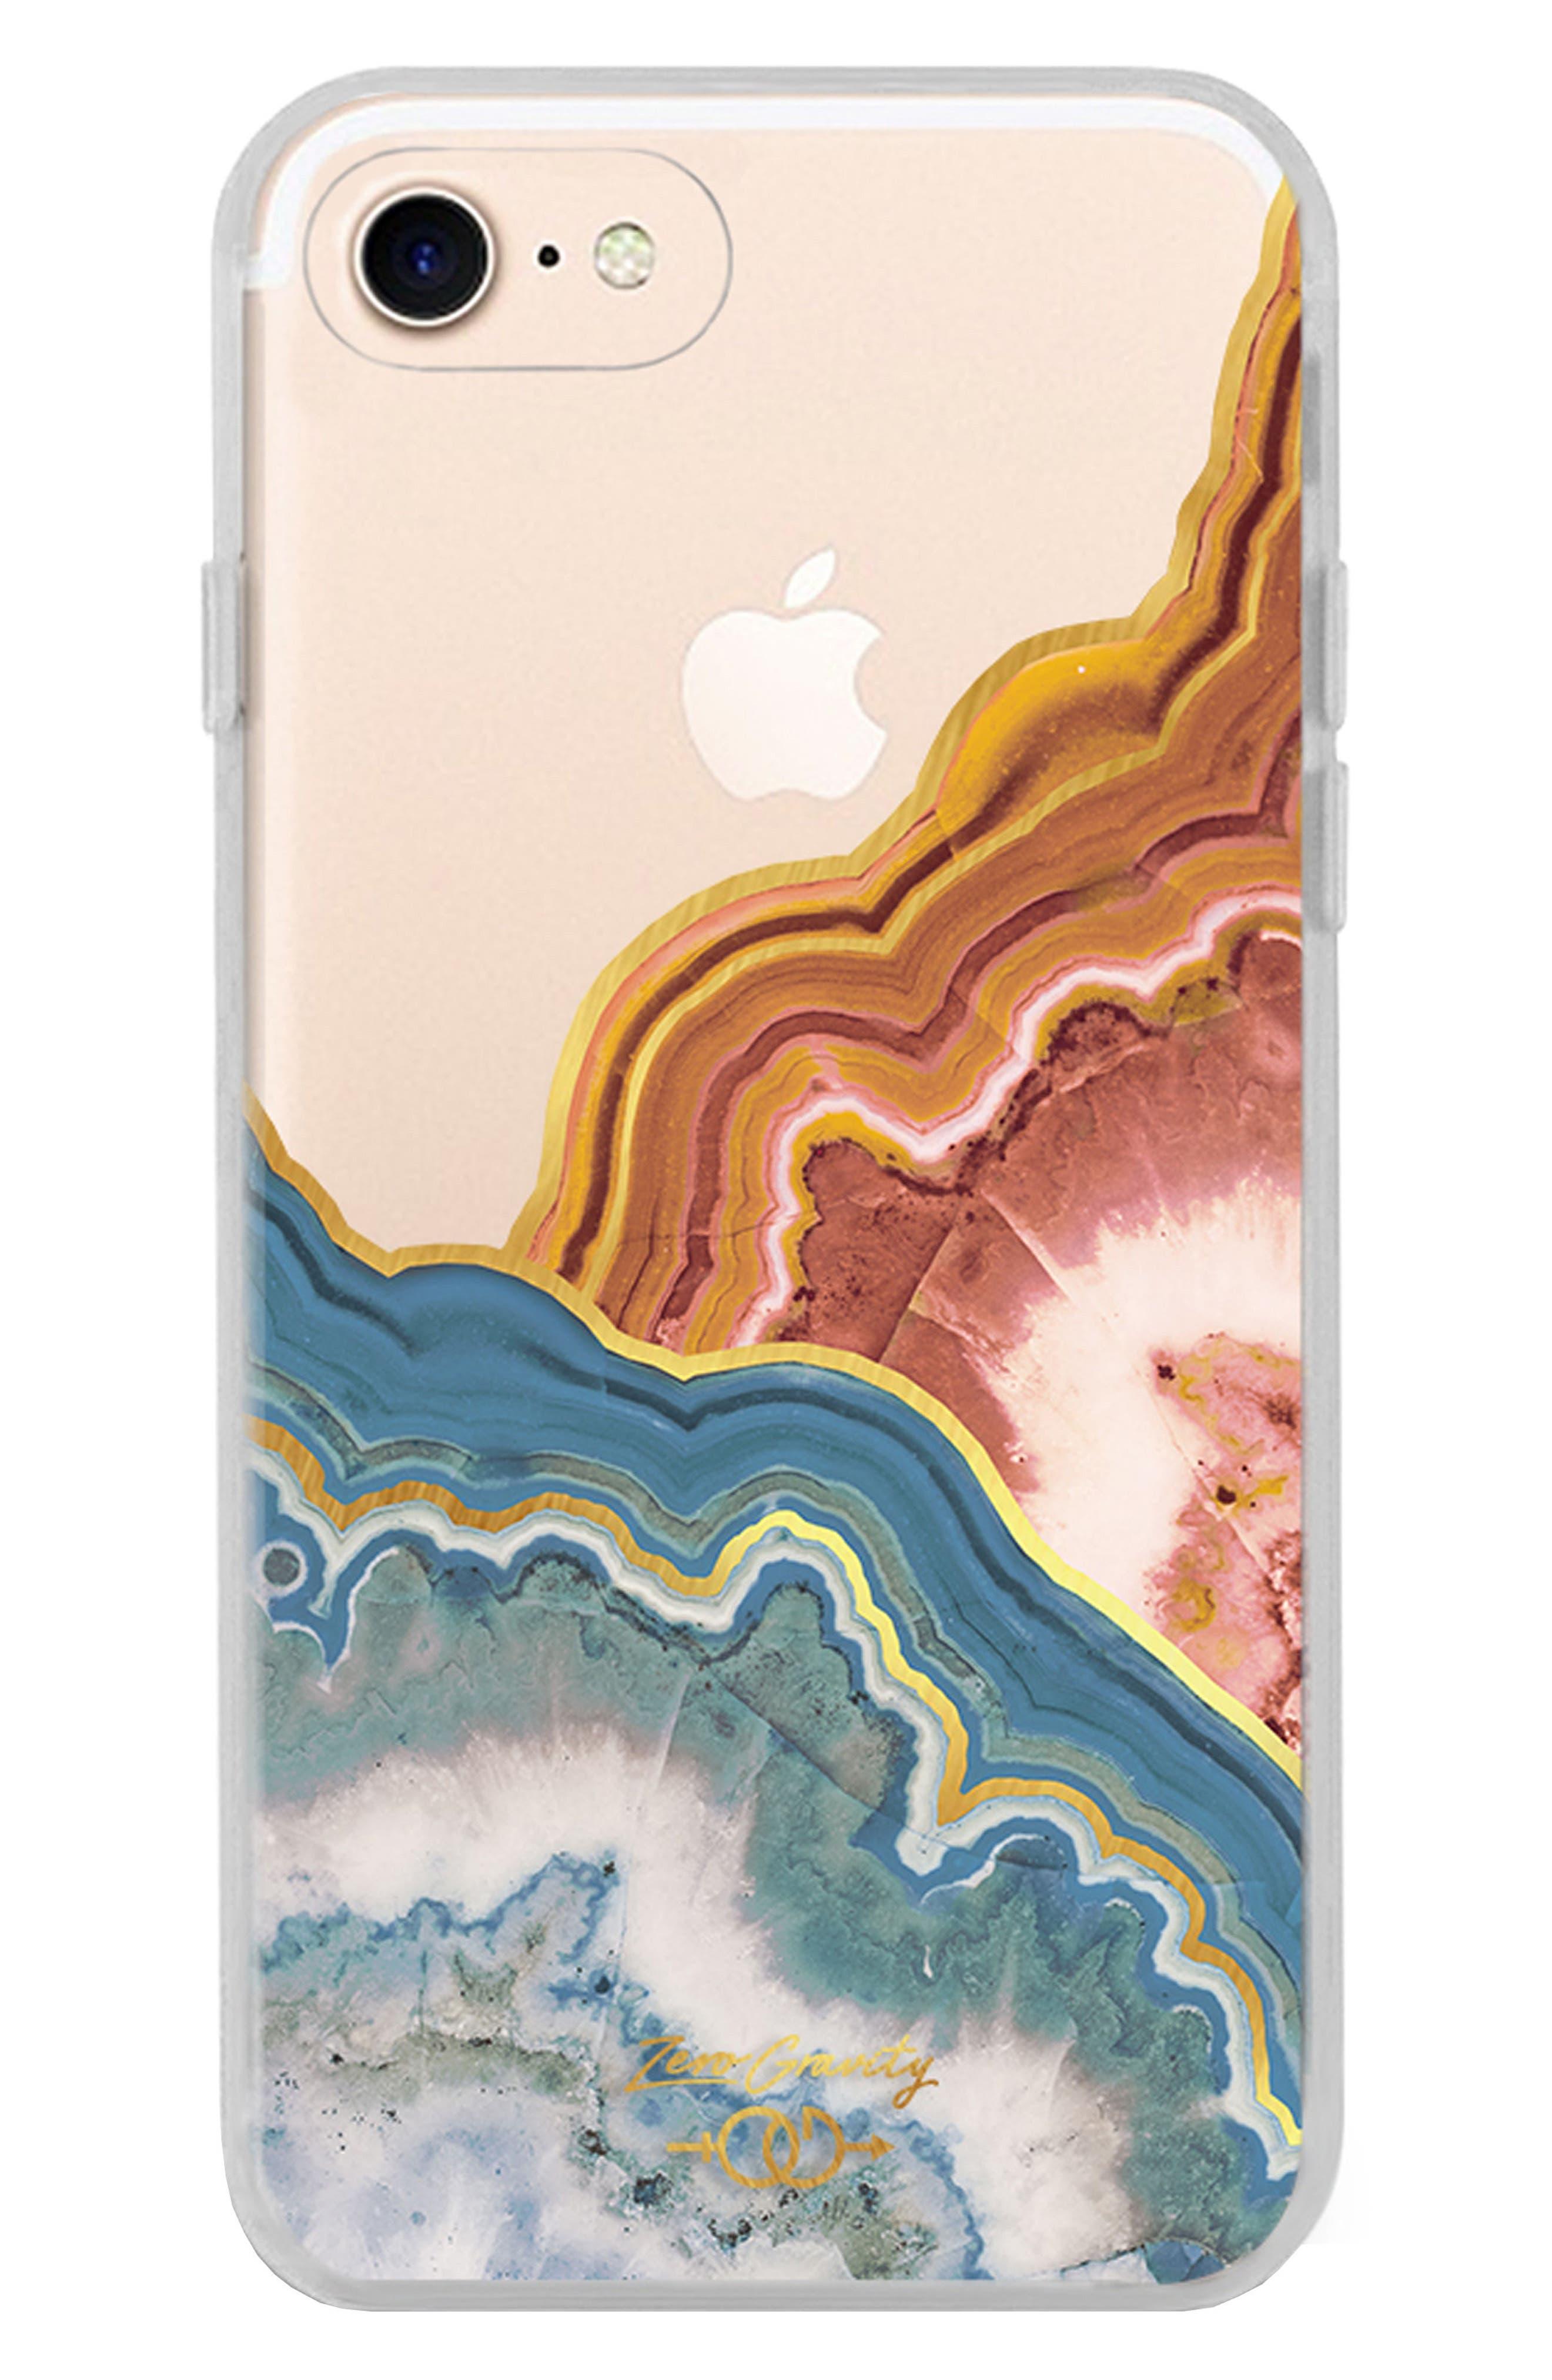 ZERO GRAVITY Energy iPhone 7 & 7 Plus Case